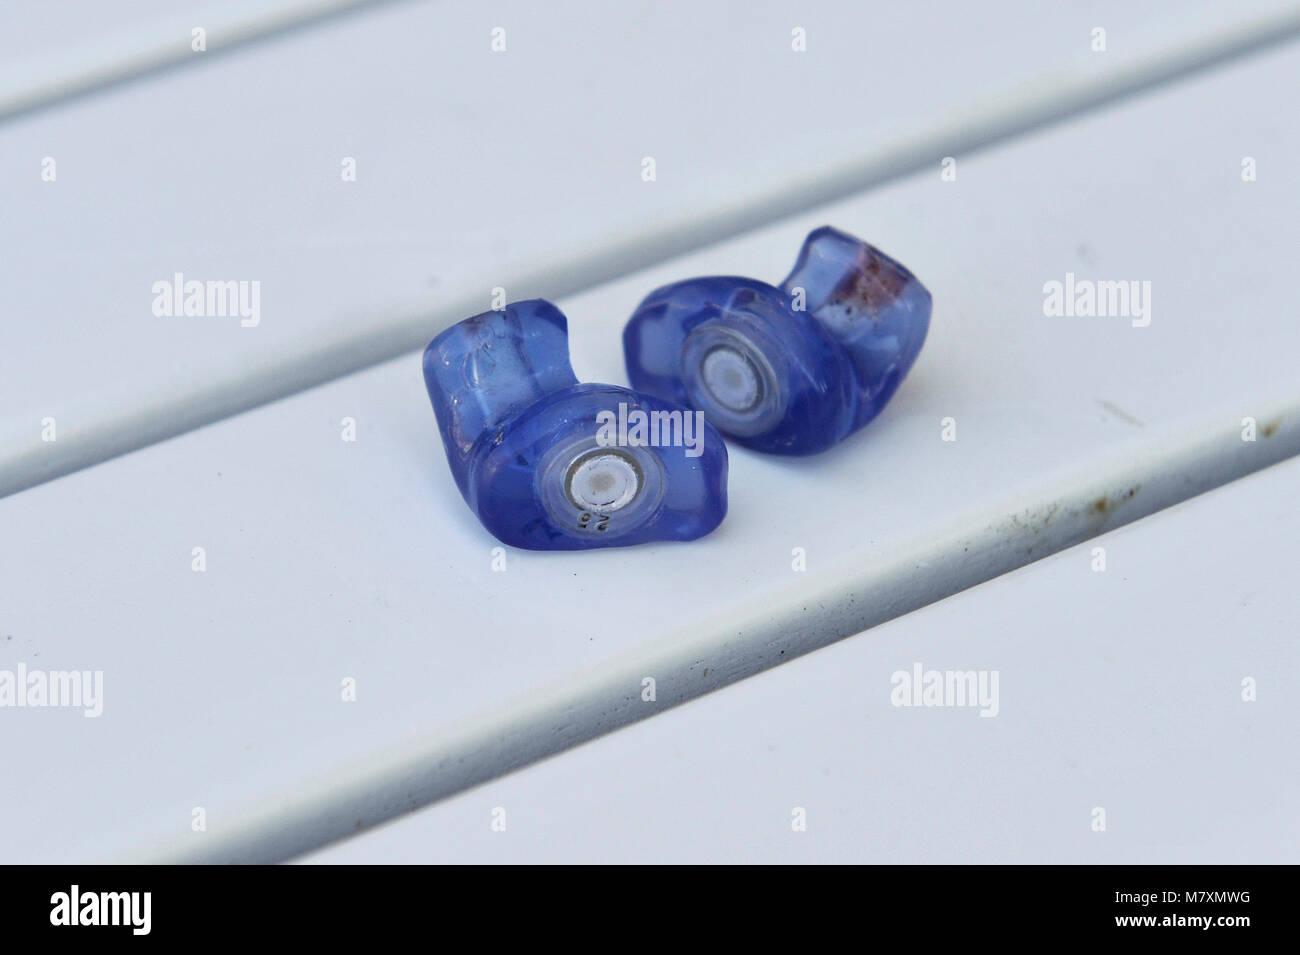 Tapones moldeados utilizado para limitar la contaminación acústica ambiental Imagen De Stock